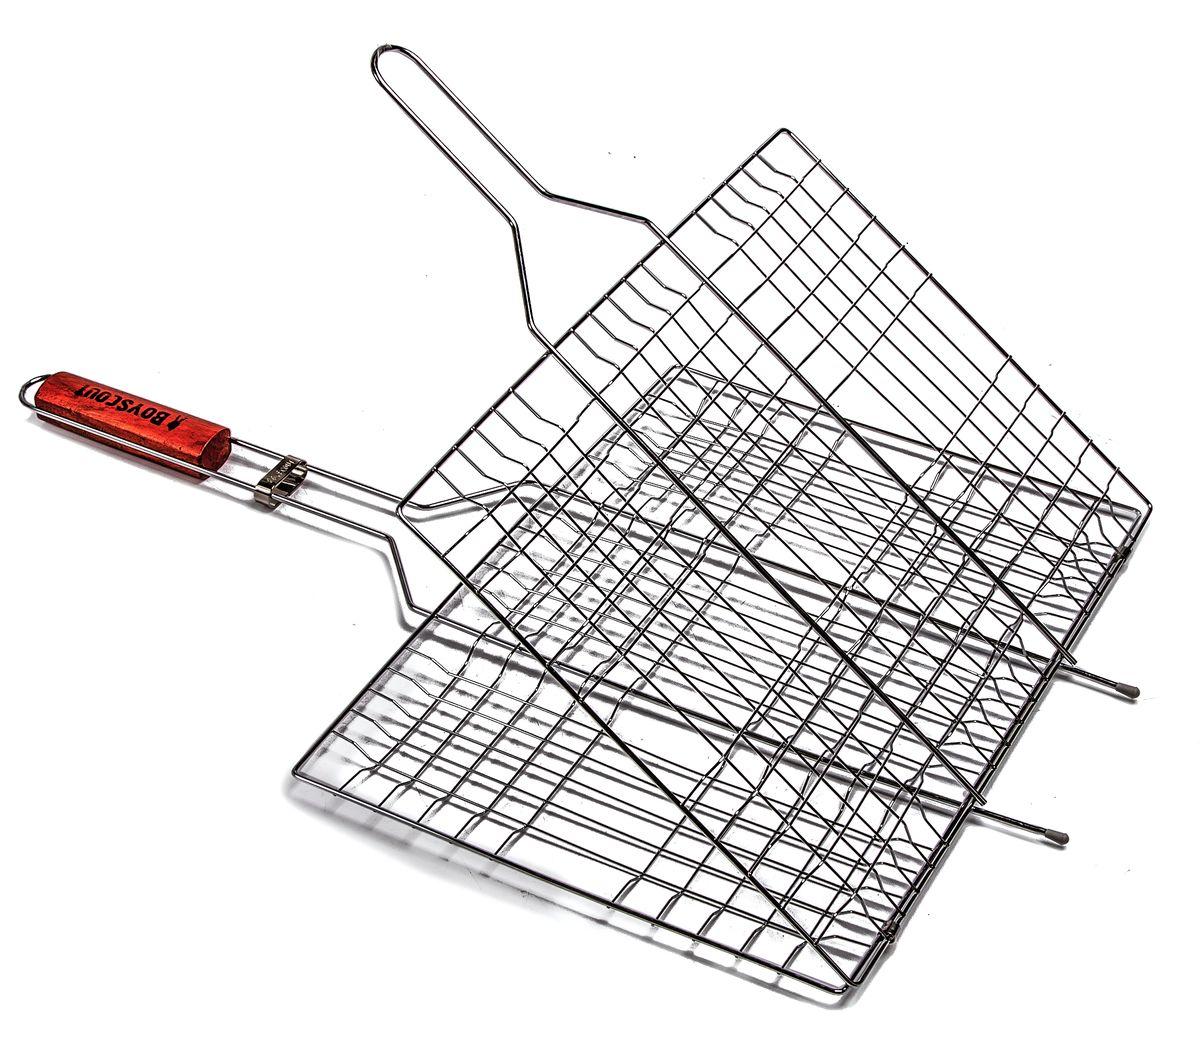 Решетка-гриль Boyscout, с антипригарным покрытием, 67 см х 40 см х 2,5 см + ПОДАРОК: Веер для розжига Boyscout401-696Решетка-гриль Boyscout предназначена для приготовления пищи на открытом воздухе. Изготовлена из высококачественной стали с антипригарным покрытием. Решетка имеет деревянную вставку на ручке, предохраняющую руки от ожогов и позволяющую без труда перевернуть решетку. Надежное кольцо-фиксатор гарантирует, что решетка не откроется, и продукты не выпадут.Приготовление вкусных блюд из рыбы, мяса или птицы на пикнике становится еще более быстрым и удобным с использованием решетки-гриль. К решетке прилагается подарок - веер для розжига, выполненный из плотного картона.Размер рабочей поверхности: 40 см х 30 см х 2,5 смДлина ручки: 32 смРазмер веера: 21 см х 15 см х 0,5 см.